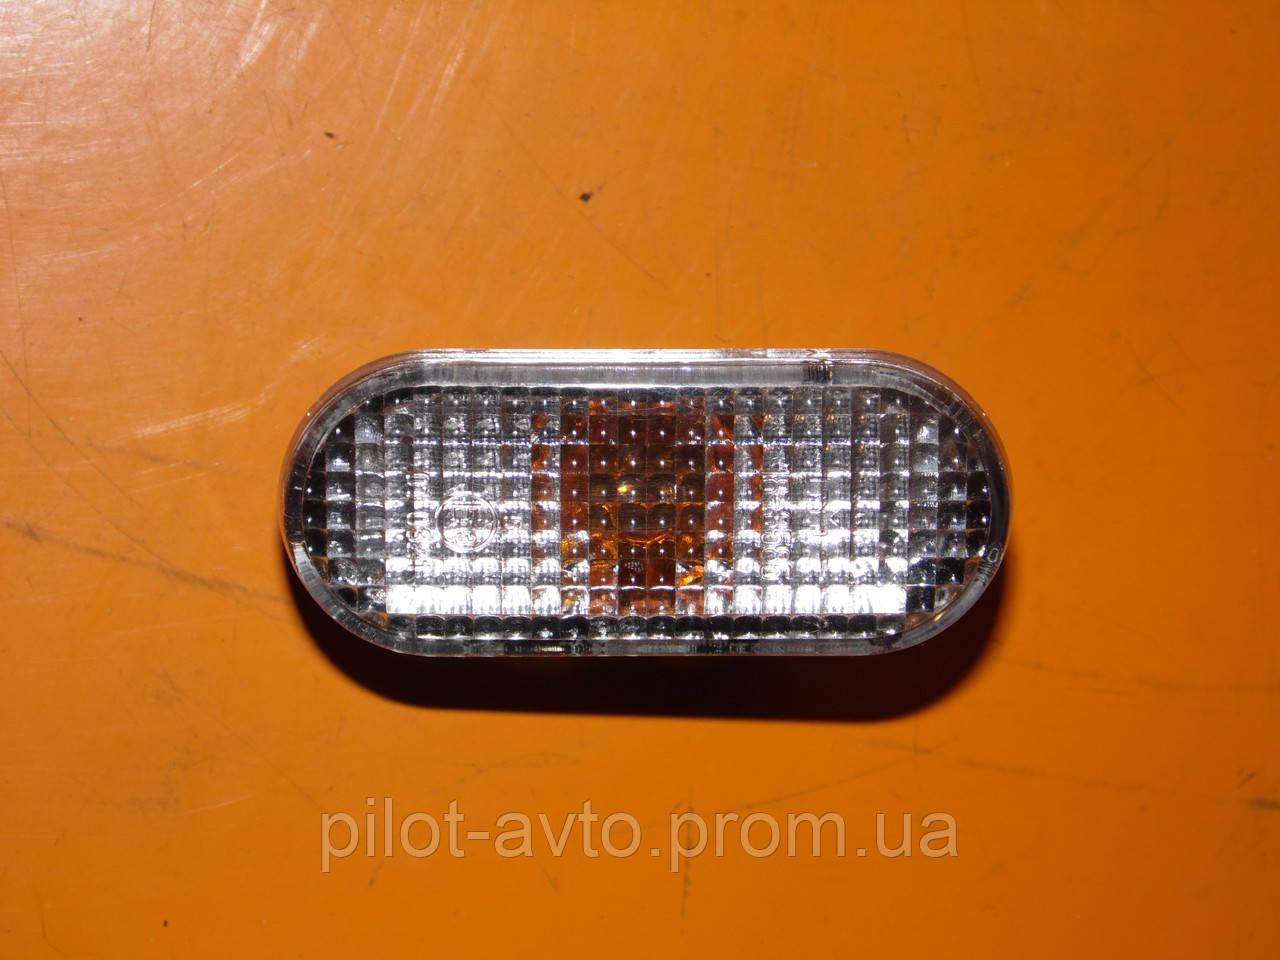 Указатель поворота боковой TYC 18-3585-05-2 Ford galaxy Seat alhambra ibiza inca toledo VW caddy 2 golf passat - Pilot-avto в Харькове